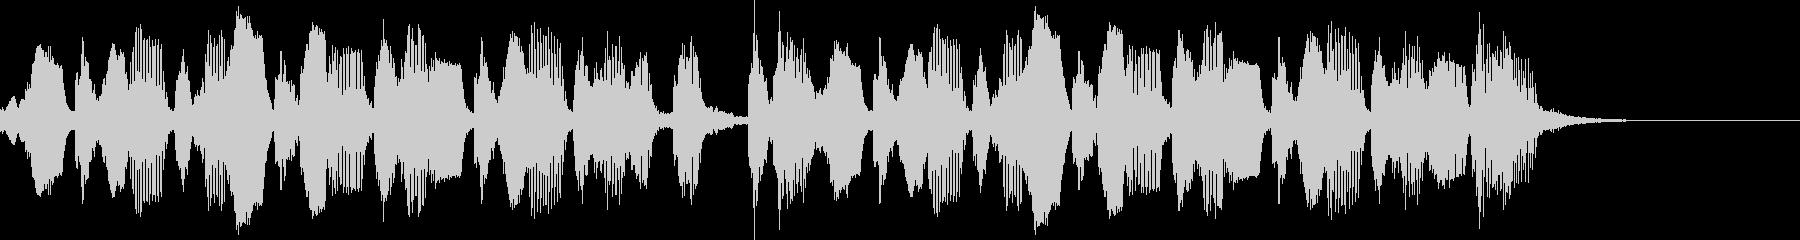 15秒CM/ほのぼのカワイイ子供や小動物の未再生の波形